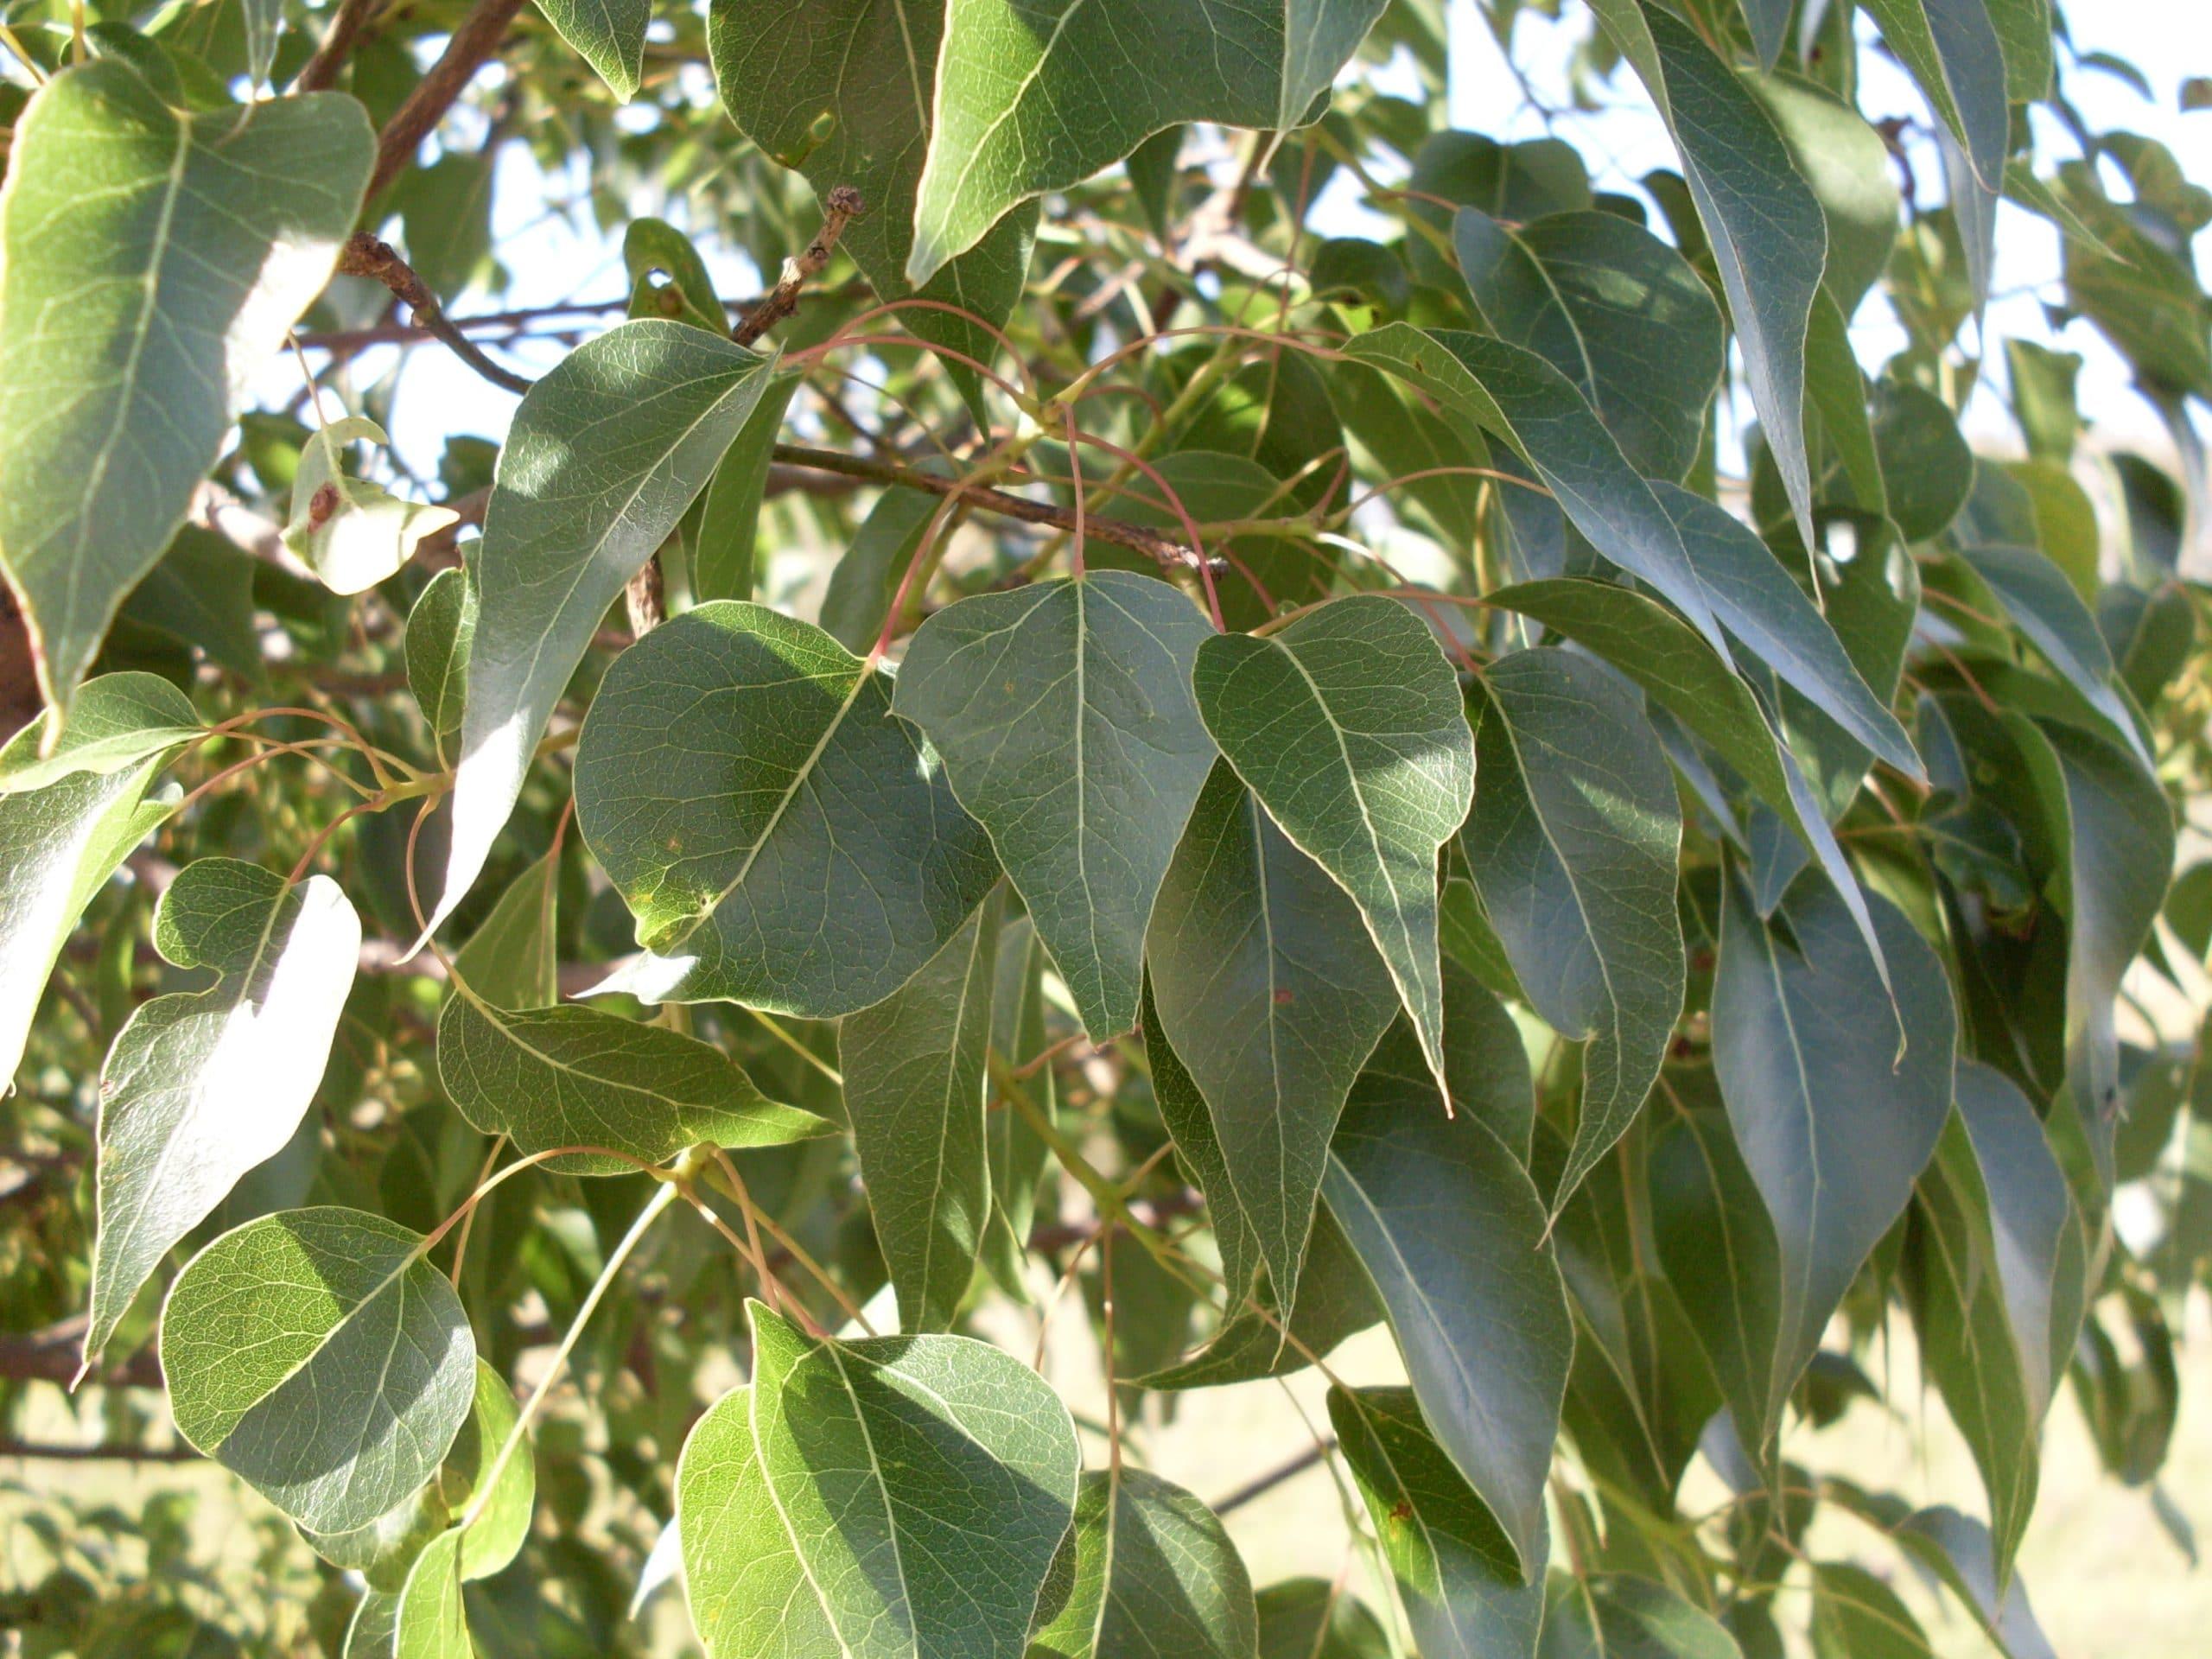 Selecci n de plantas para cercos for Arboles de hoja perenne para jardin